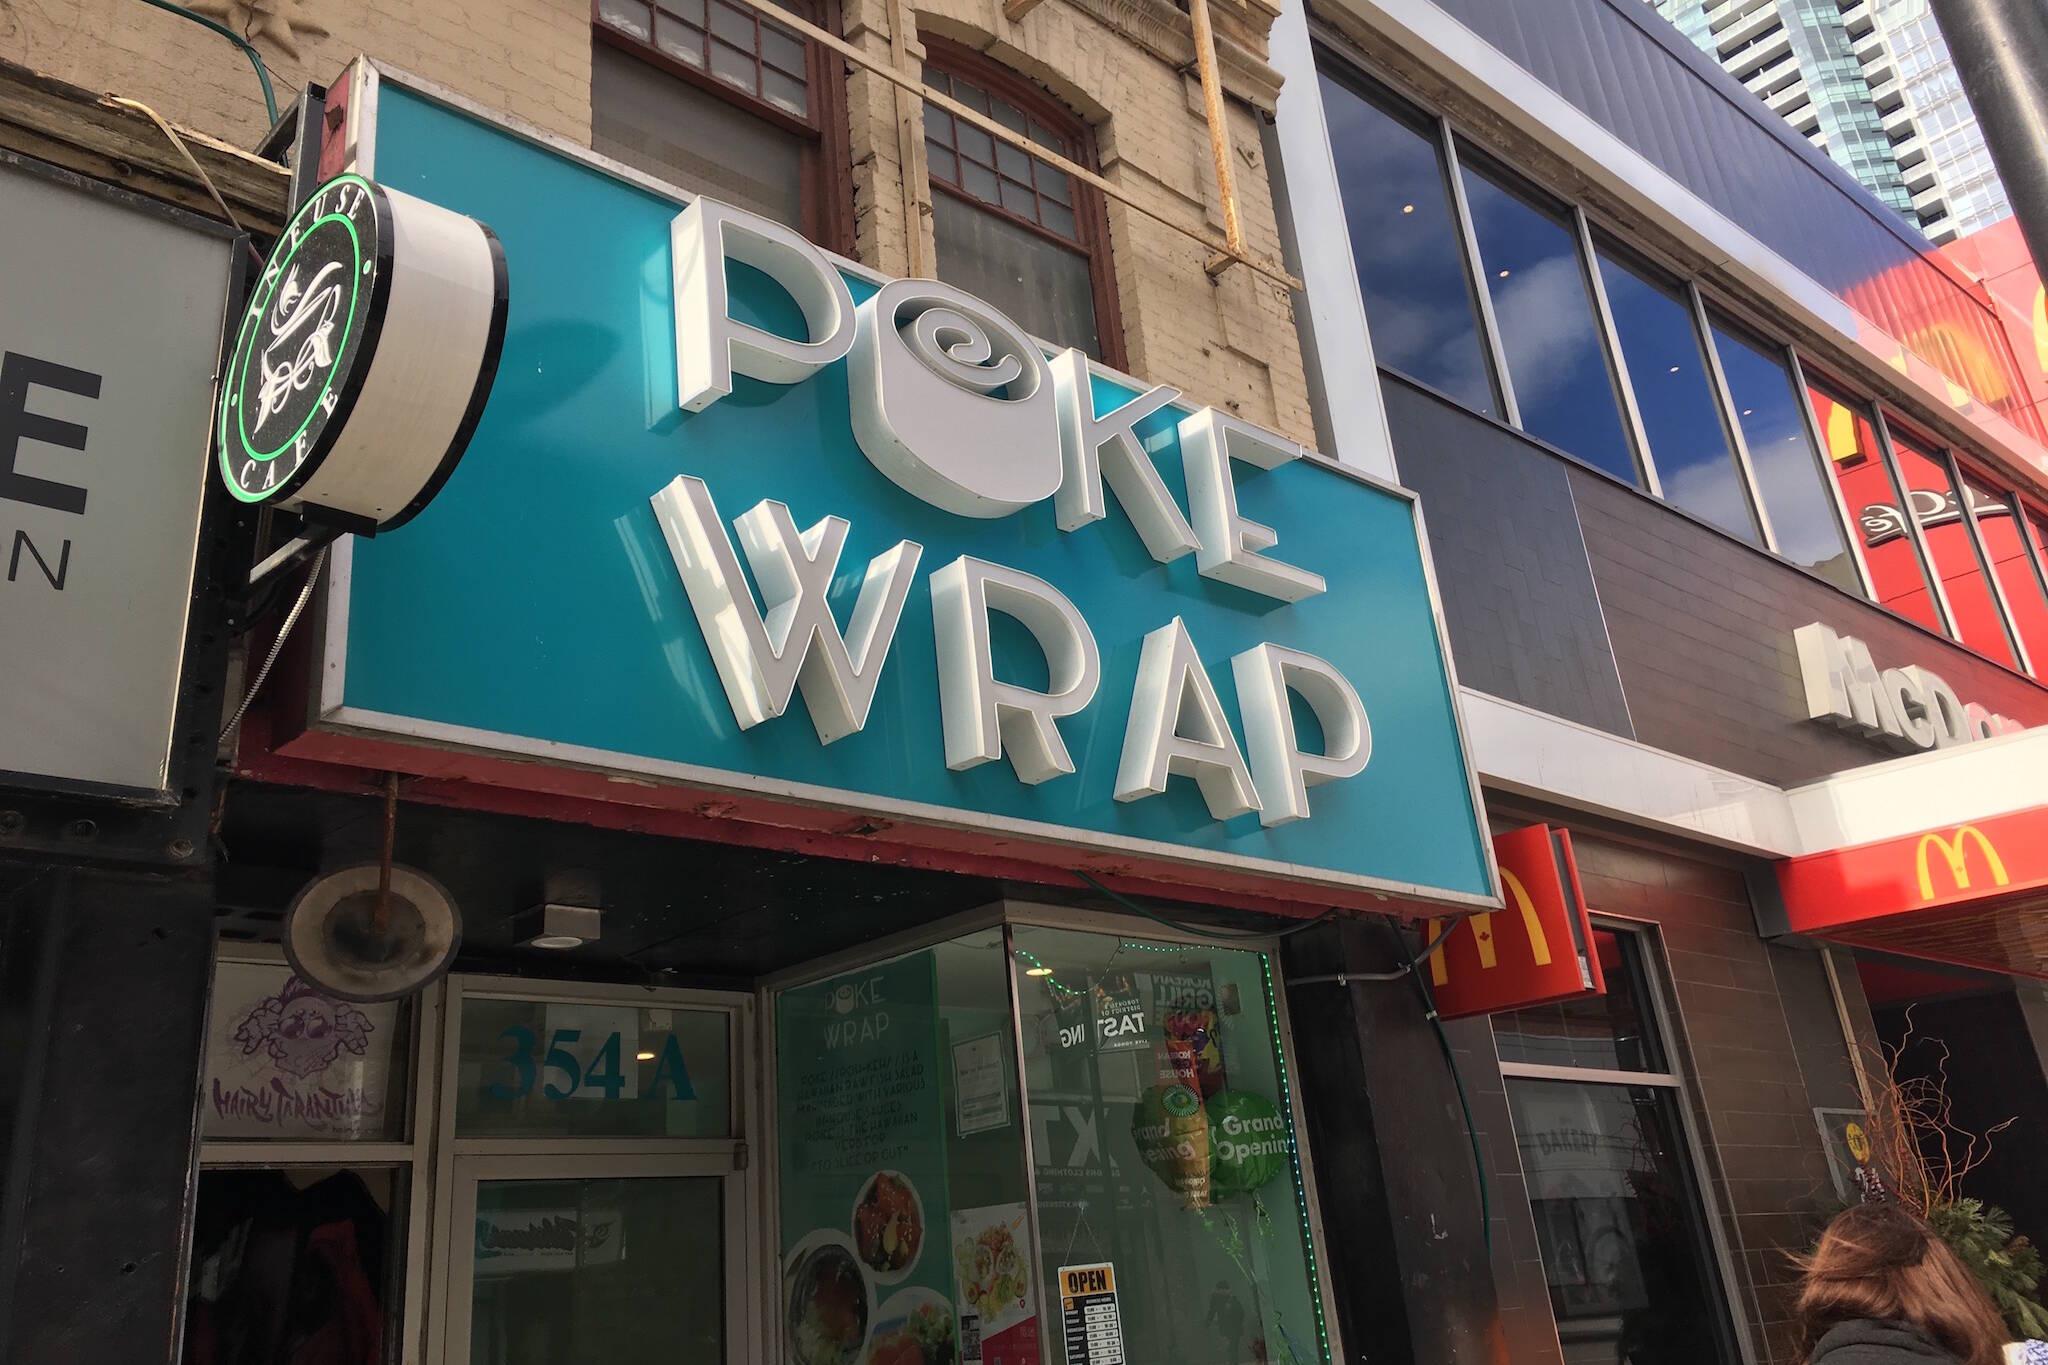 Poke Wrap Toronto